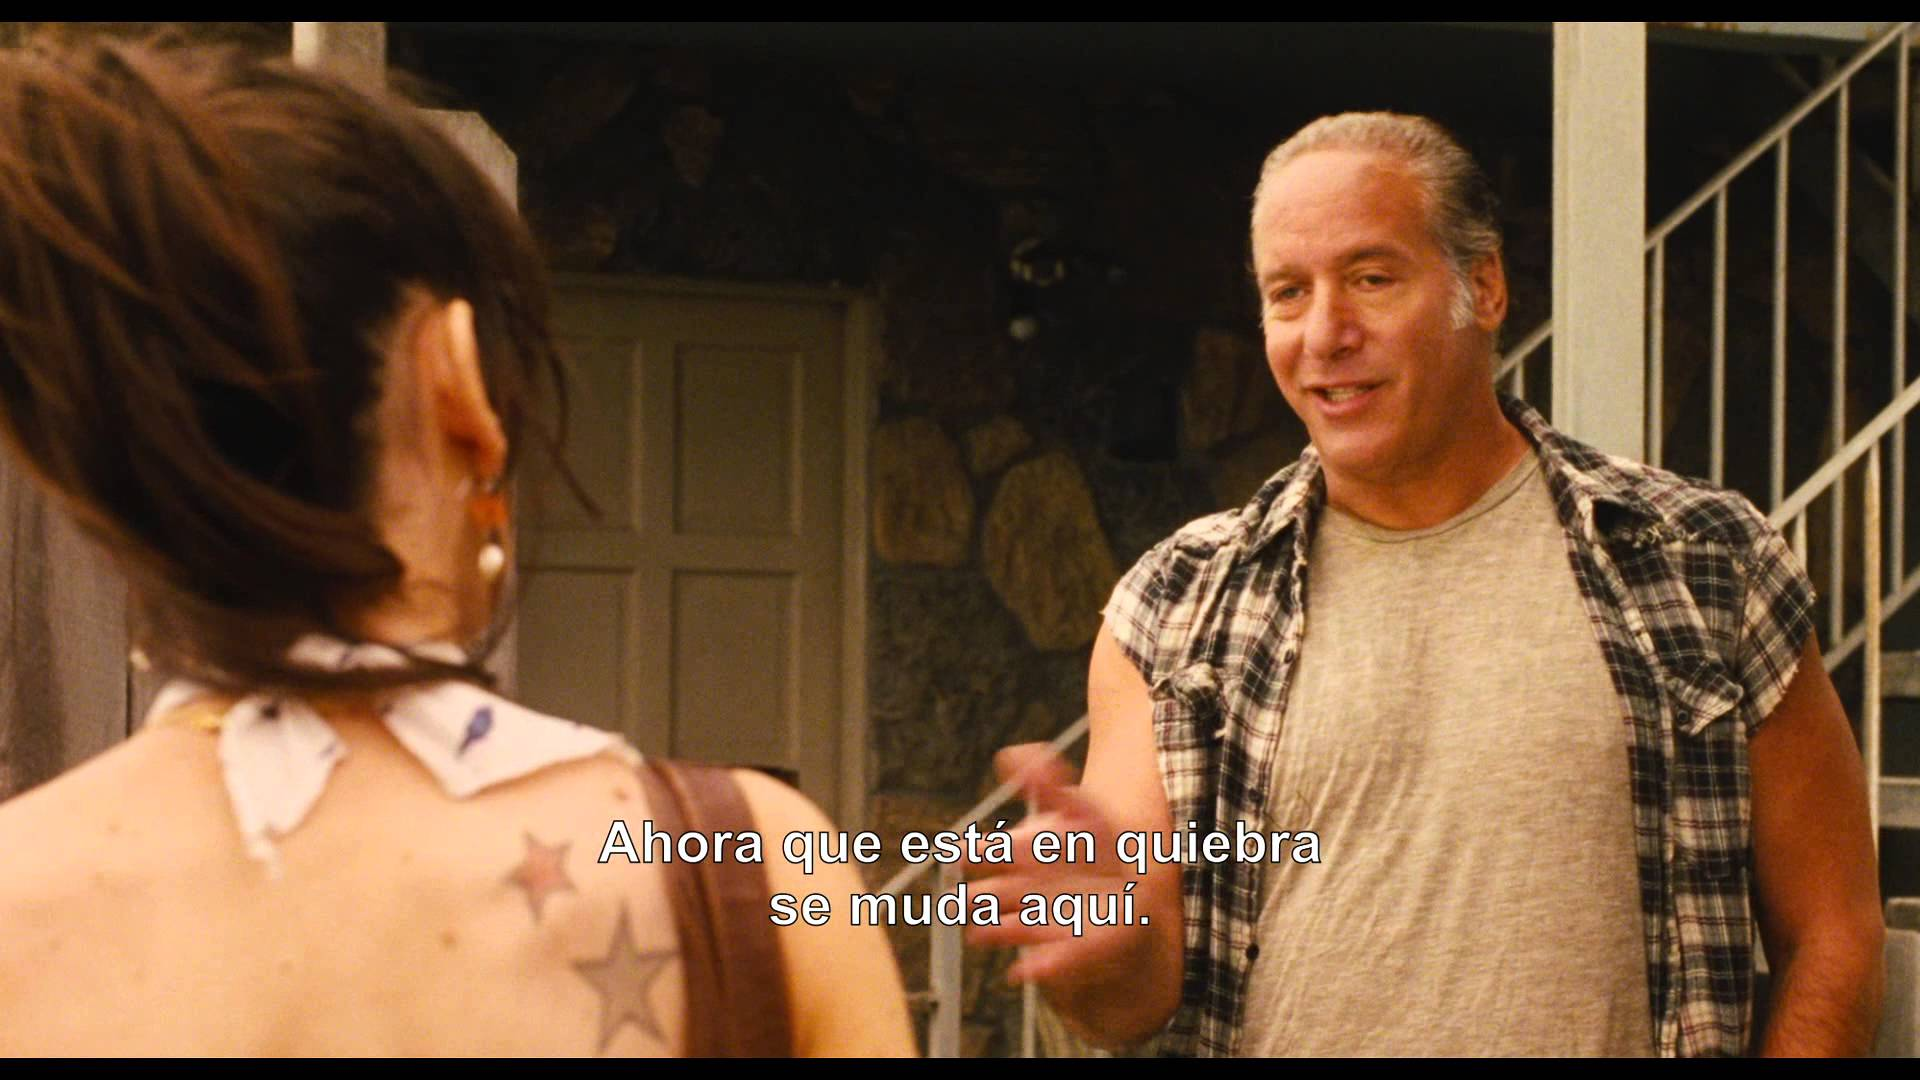 """Trailer de """"Jazmín Azul"""" (Blue Jasmine) con subtítulos en español"""